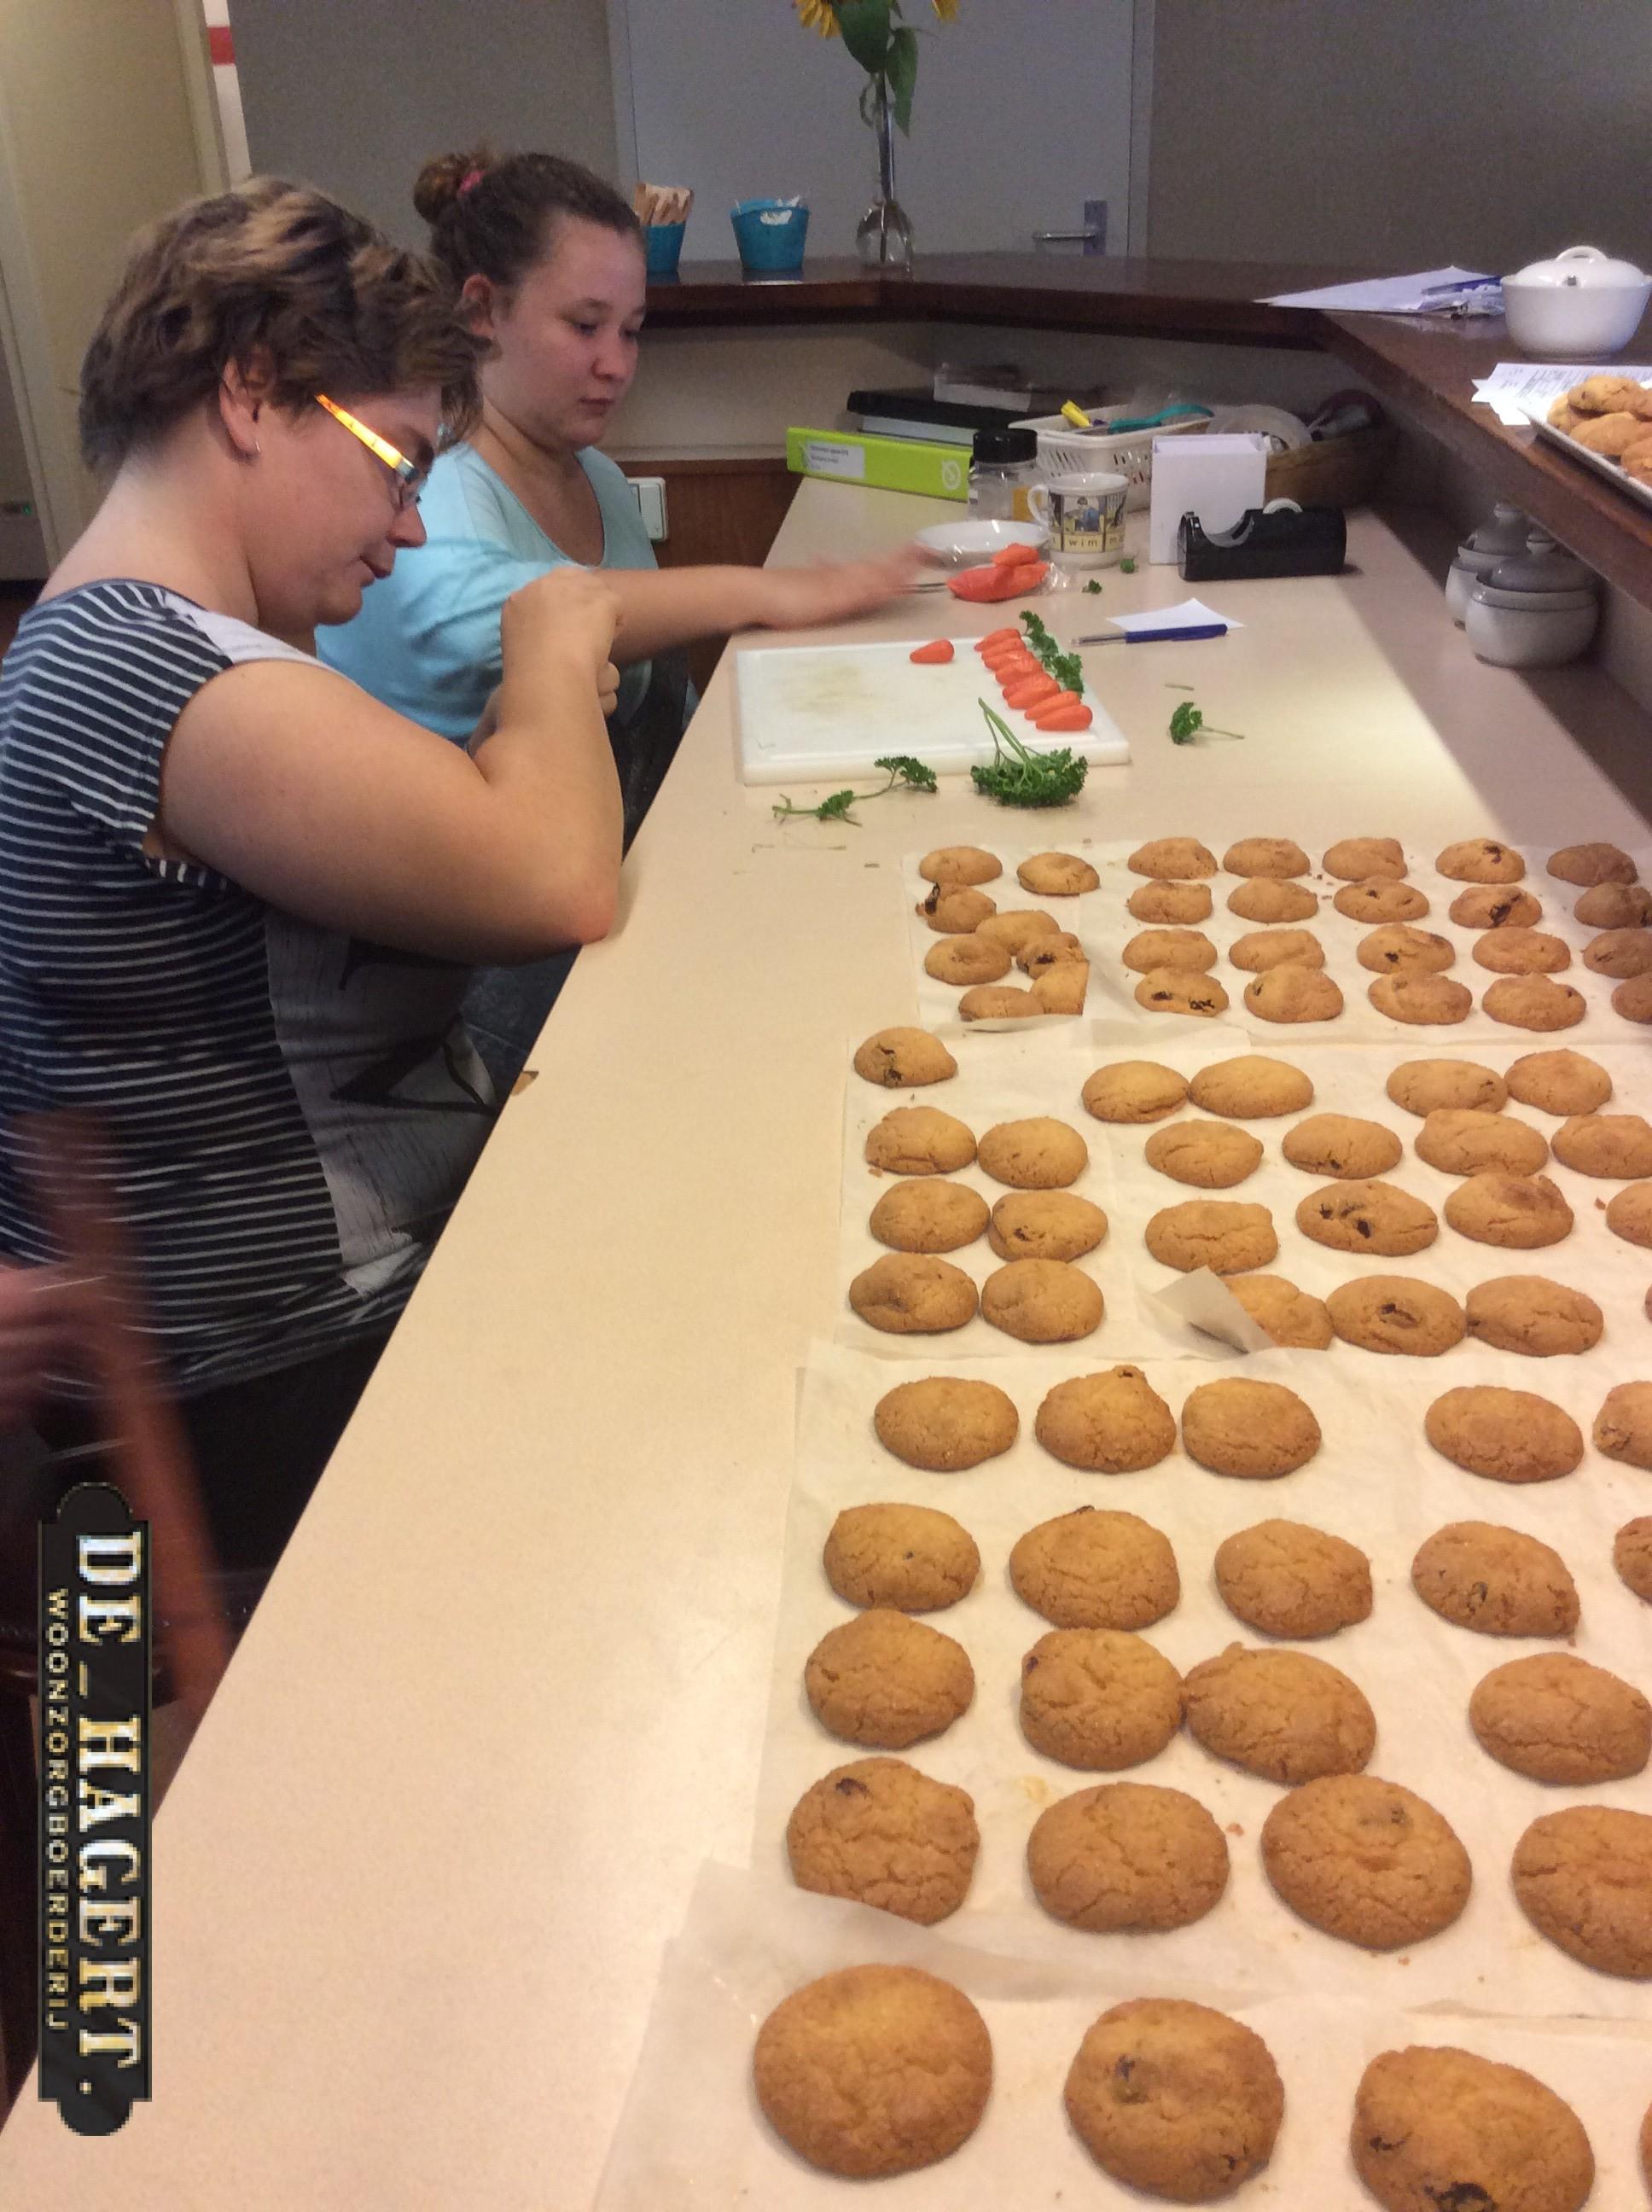 koekebakkers van de Hagert